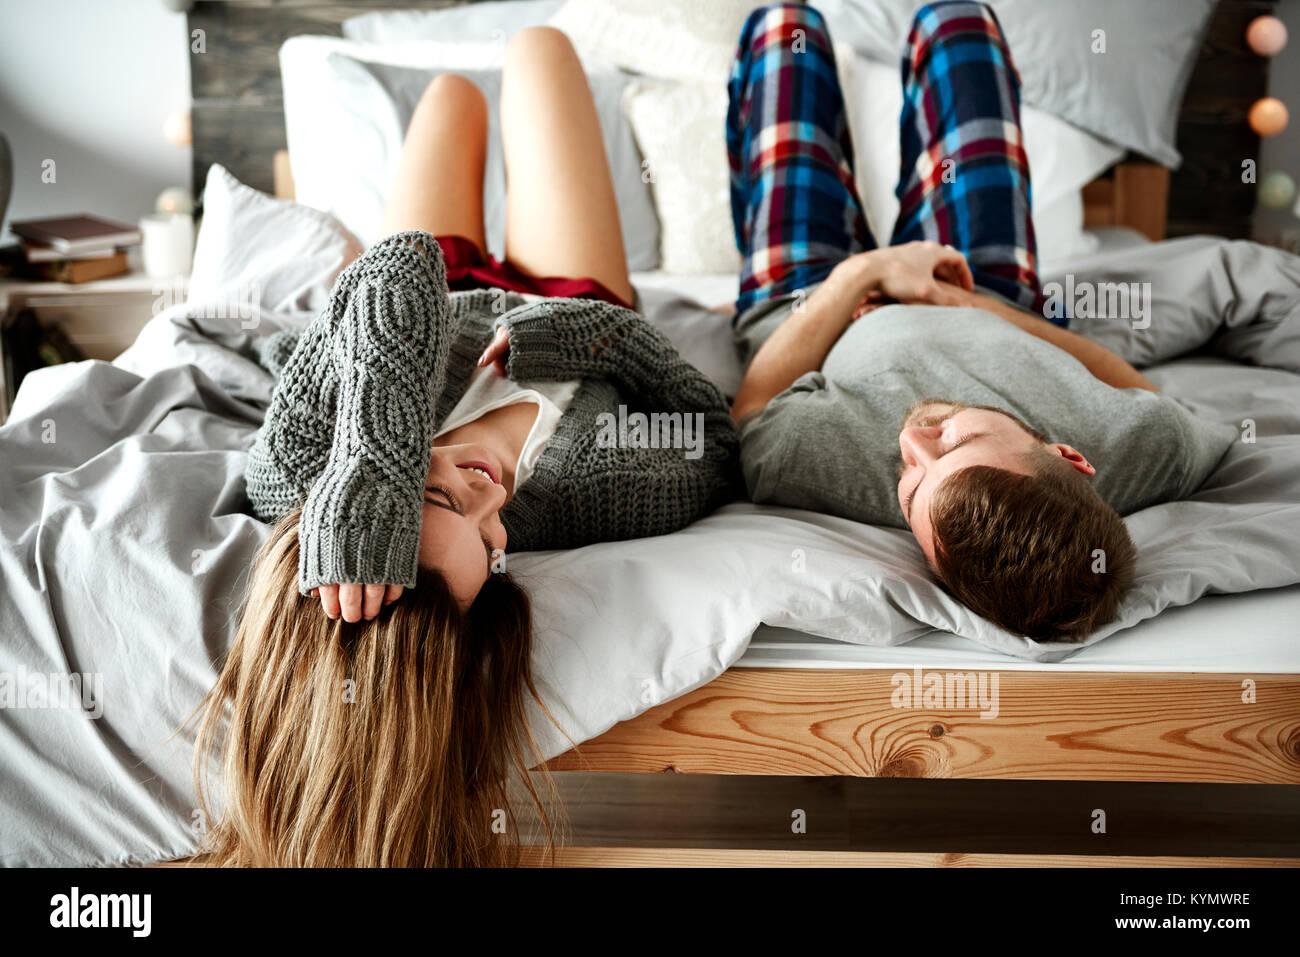 Ansicht der Rückseite des fröhlichen Paar liegend auf dem Bett Stockbild